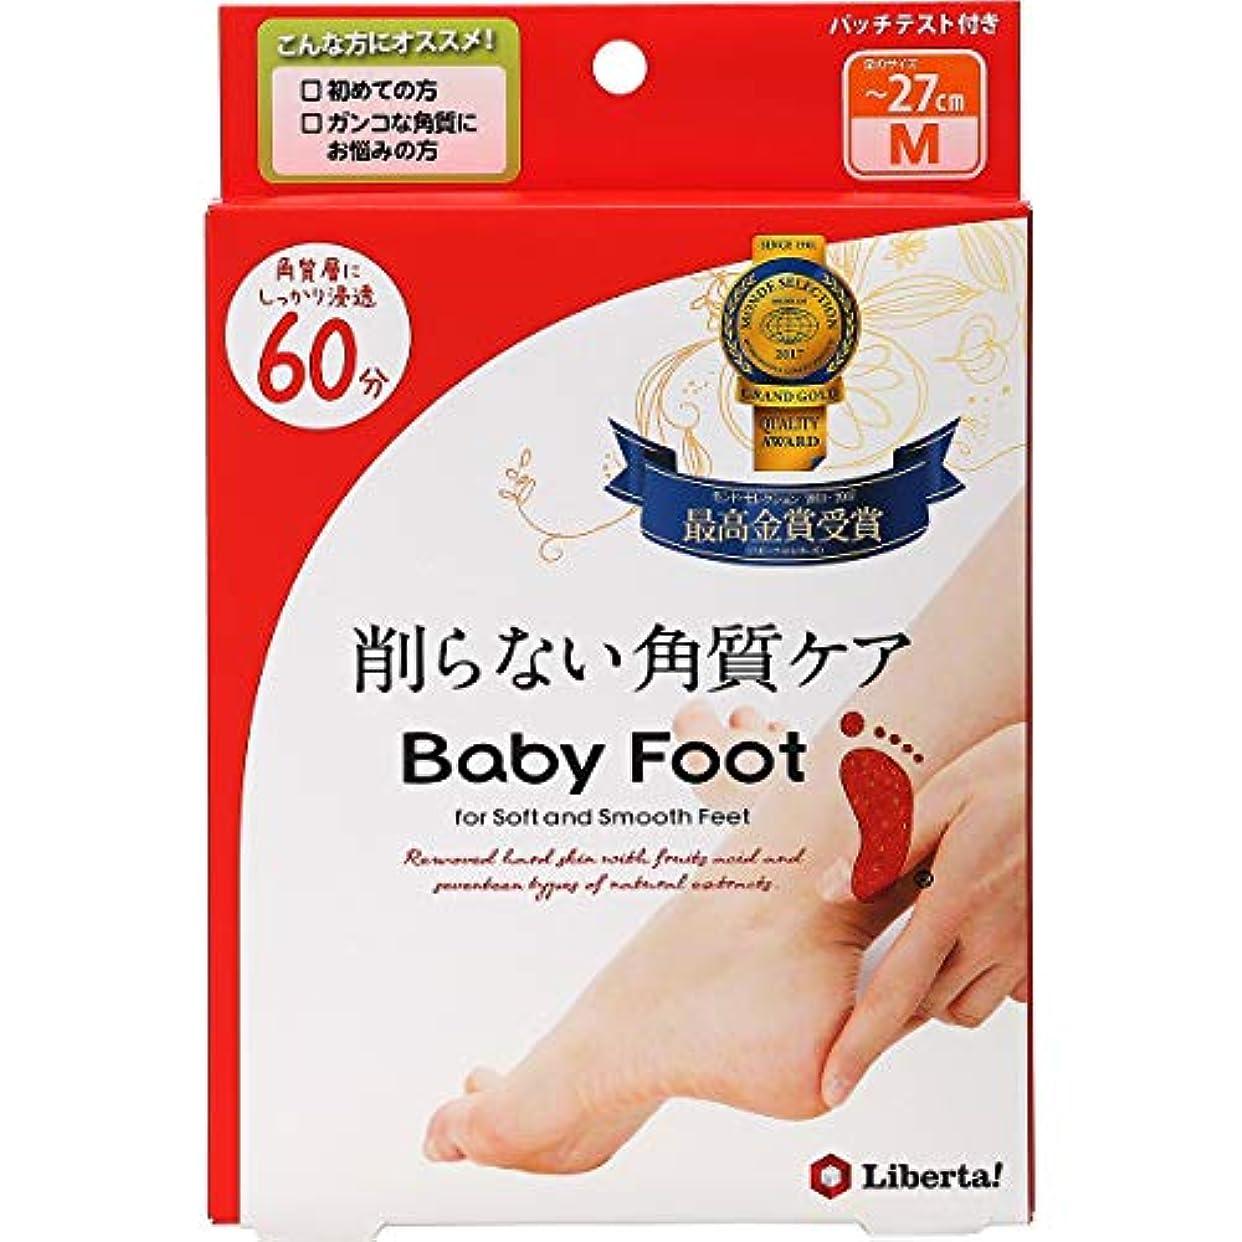 翻訳する南極ヒューバートハドソンベビーフット (Baby Foot) ベビーフット イージーパック SPT60分タイプ Mサイズ 単品